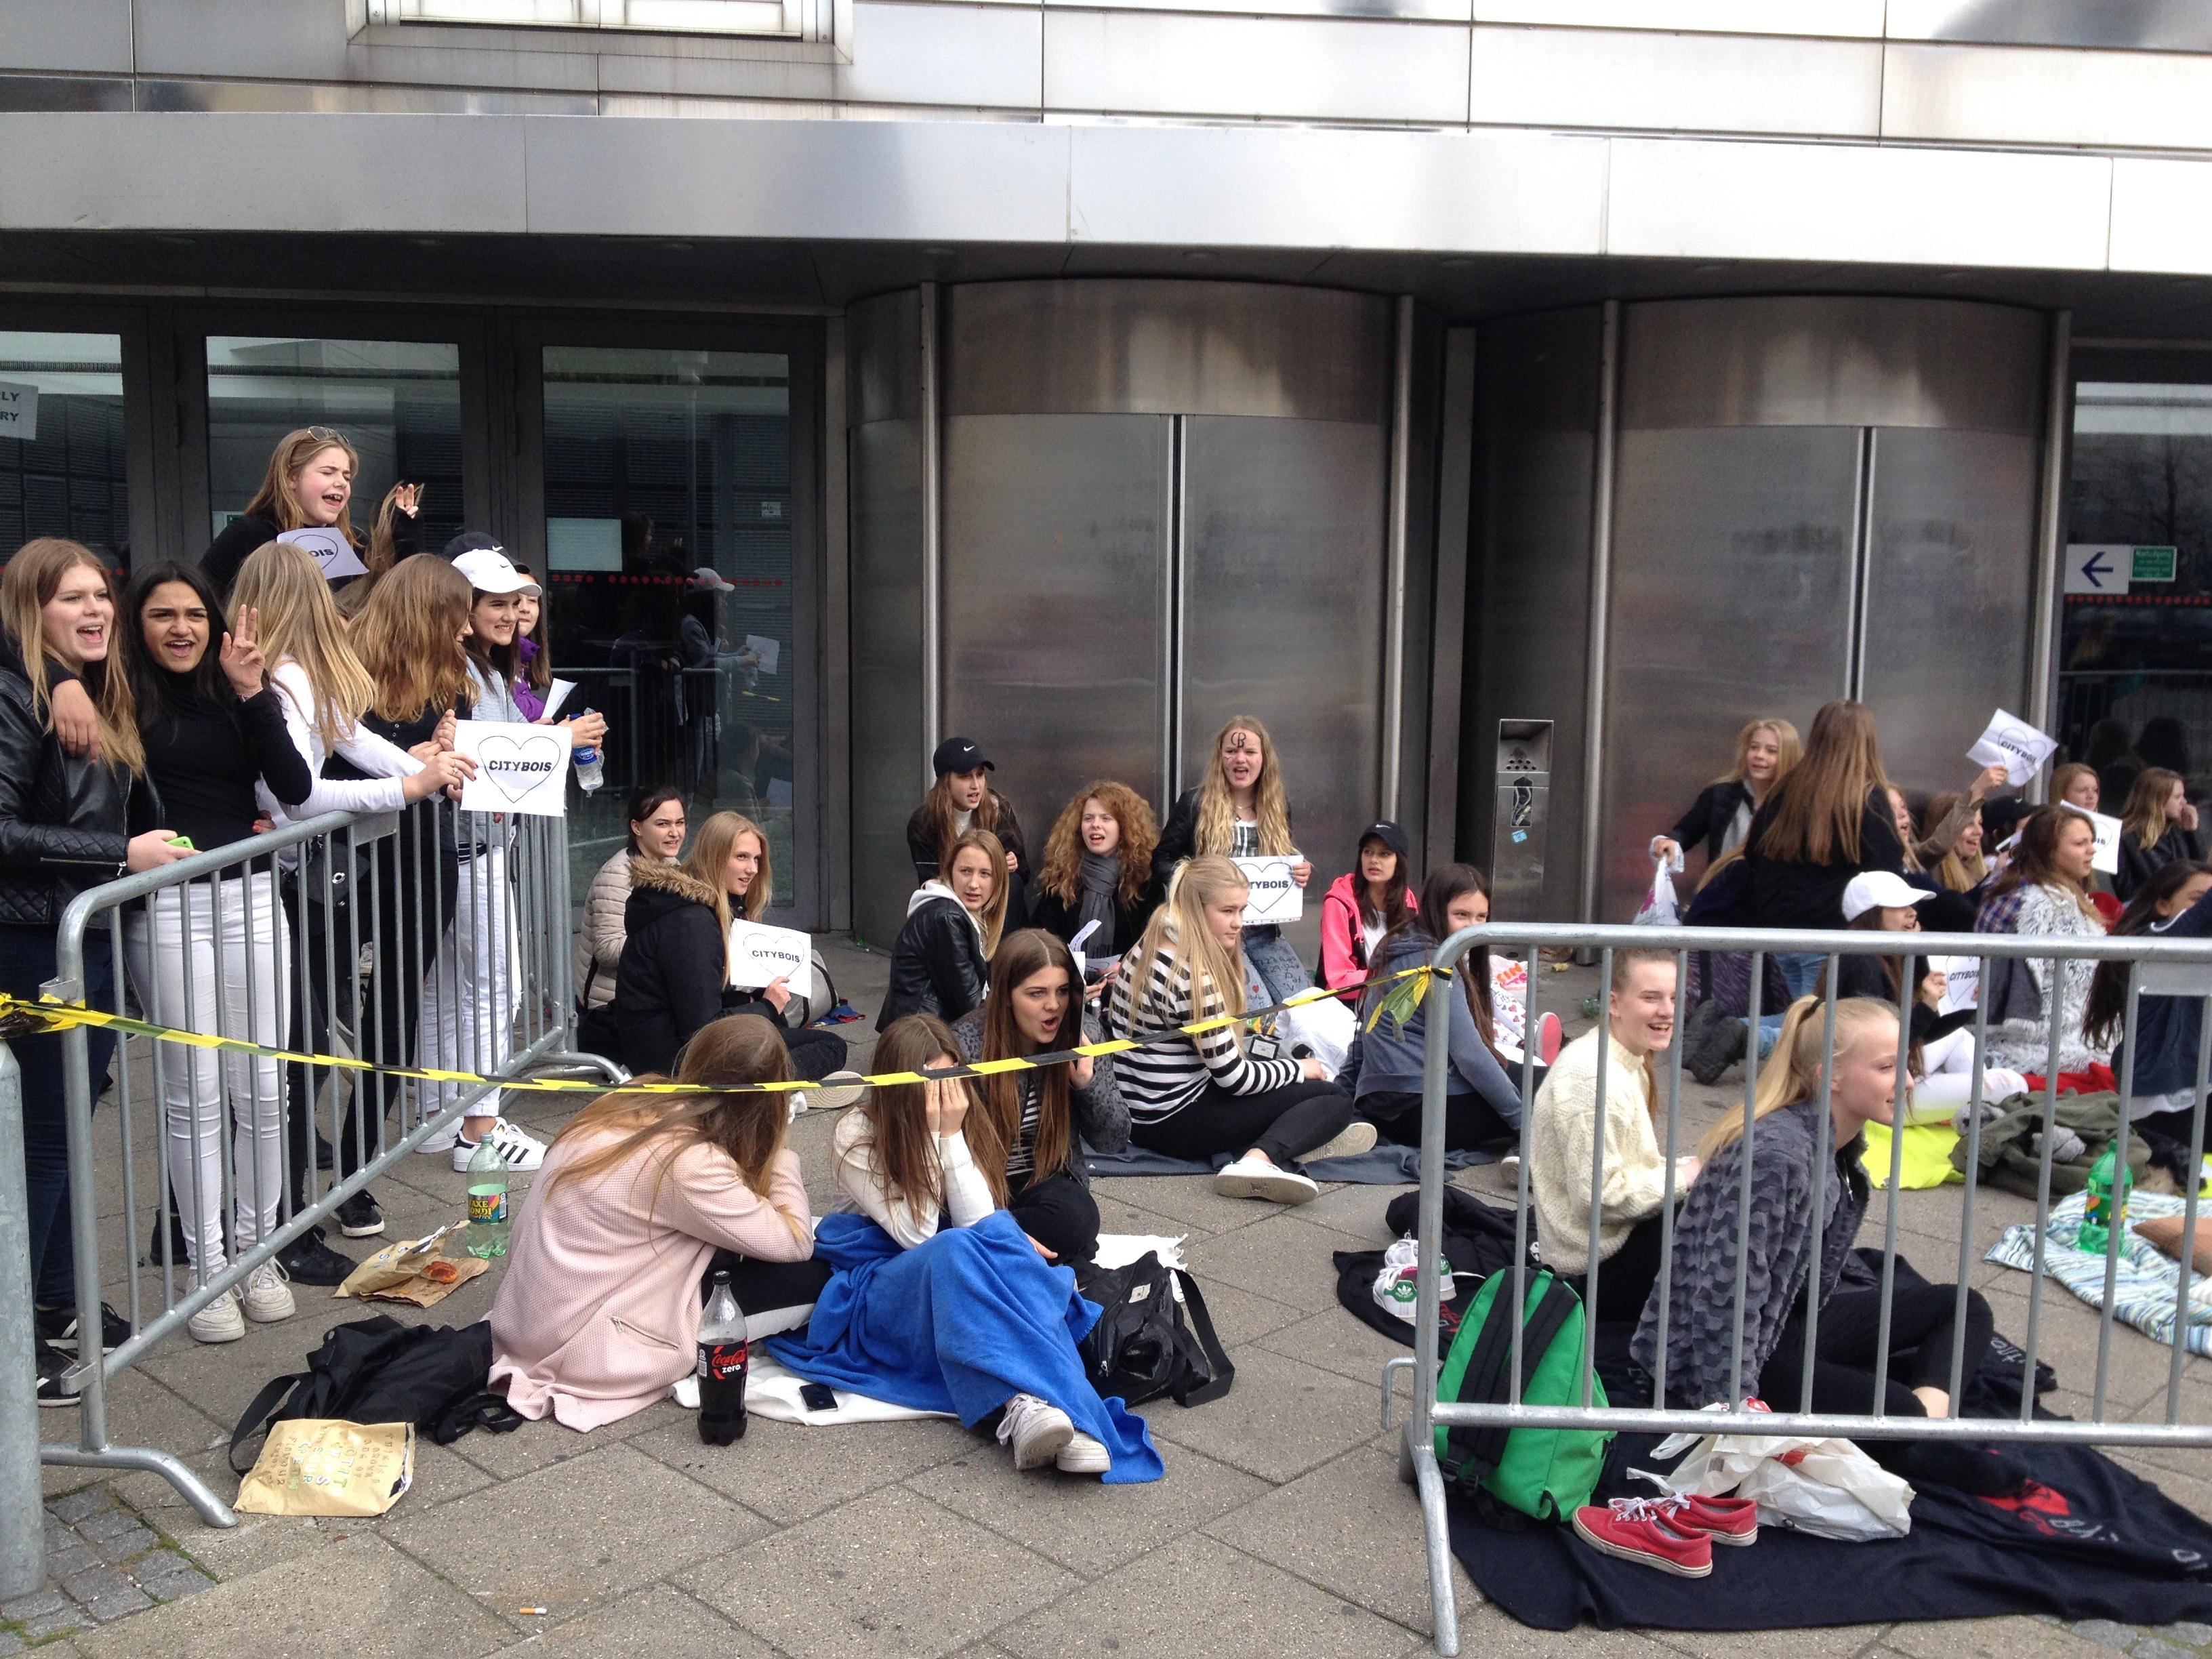 Fans af Citibois venter på koncert